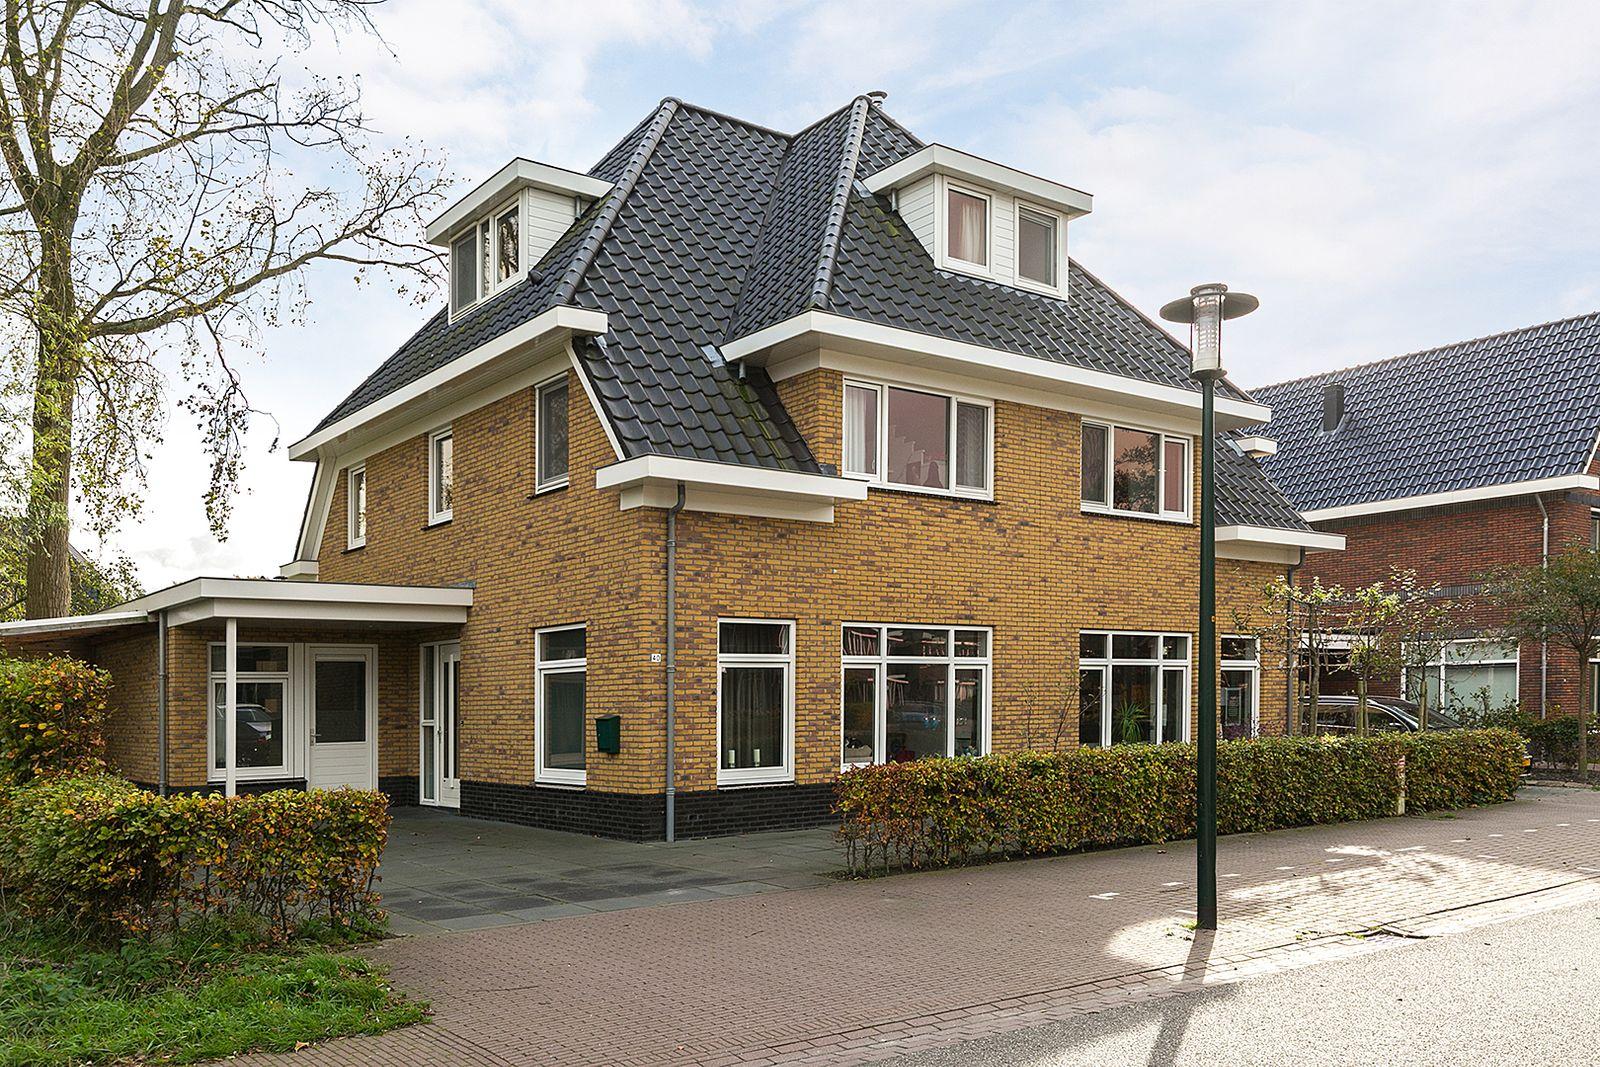 Humilitasstraat 40, Leeuwarden